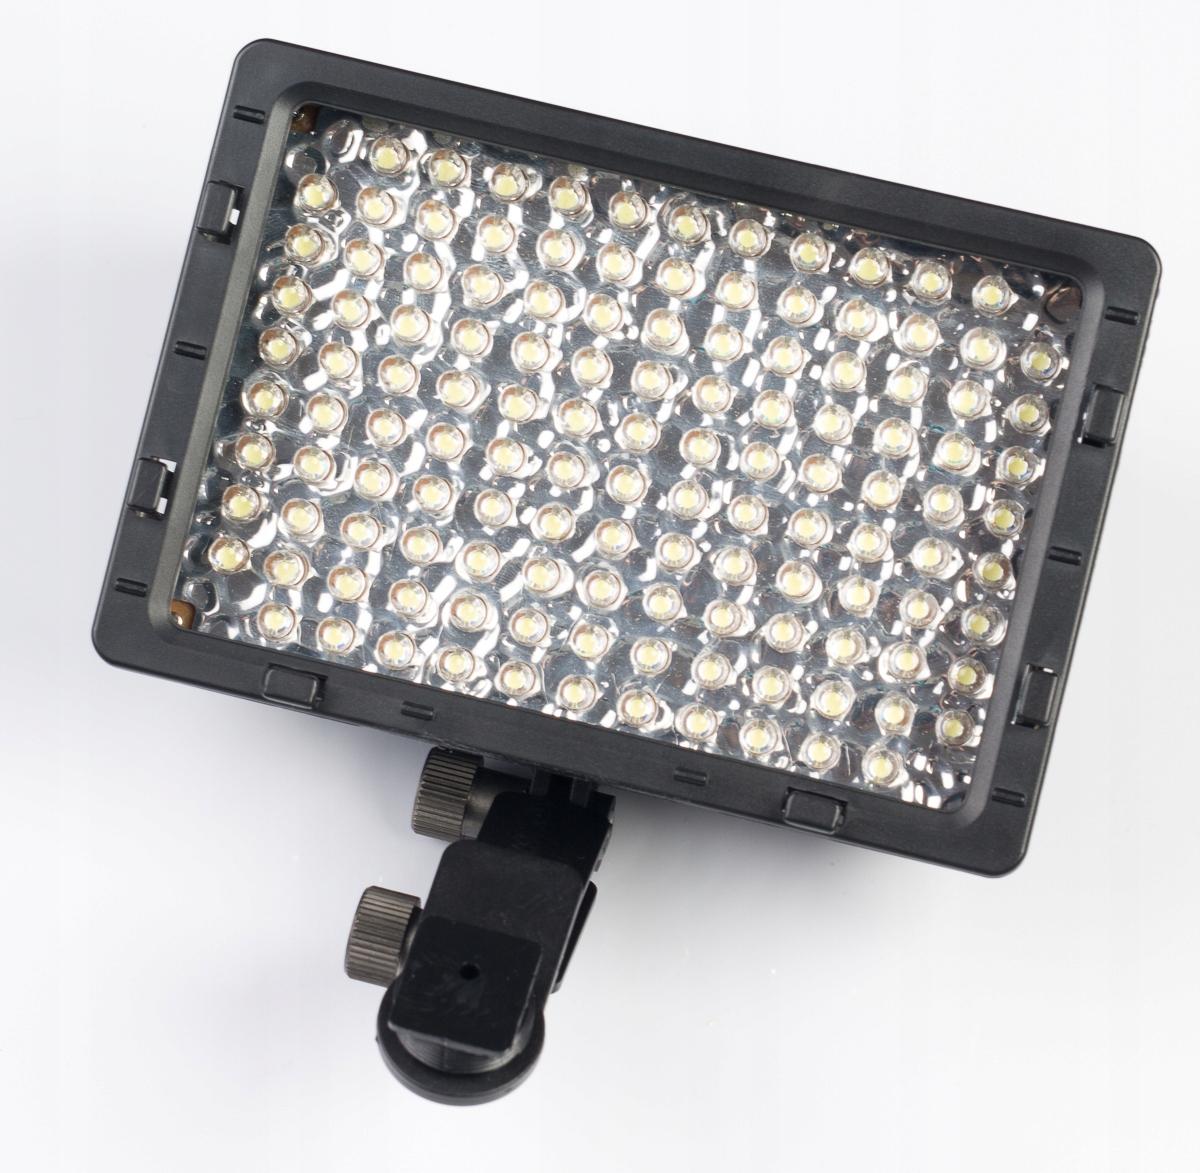 Lampa LED CN-126 [FOTOGRAFICZNA] [FILMOWA] [DSLR]